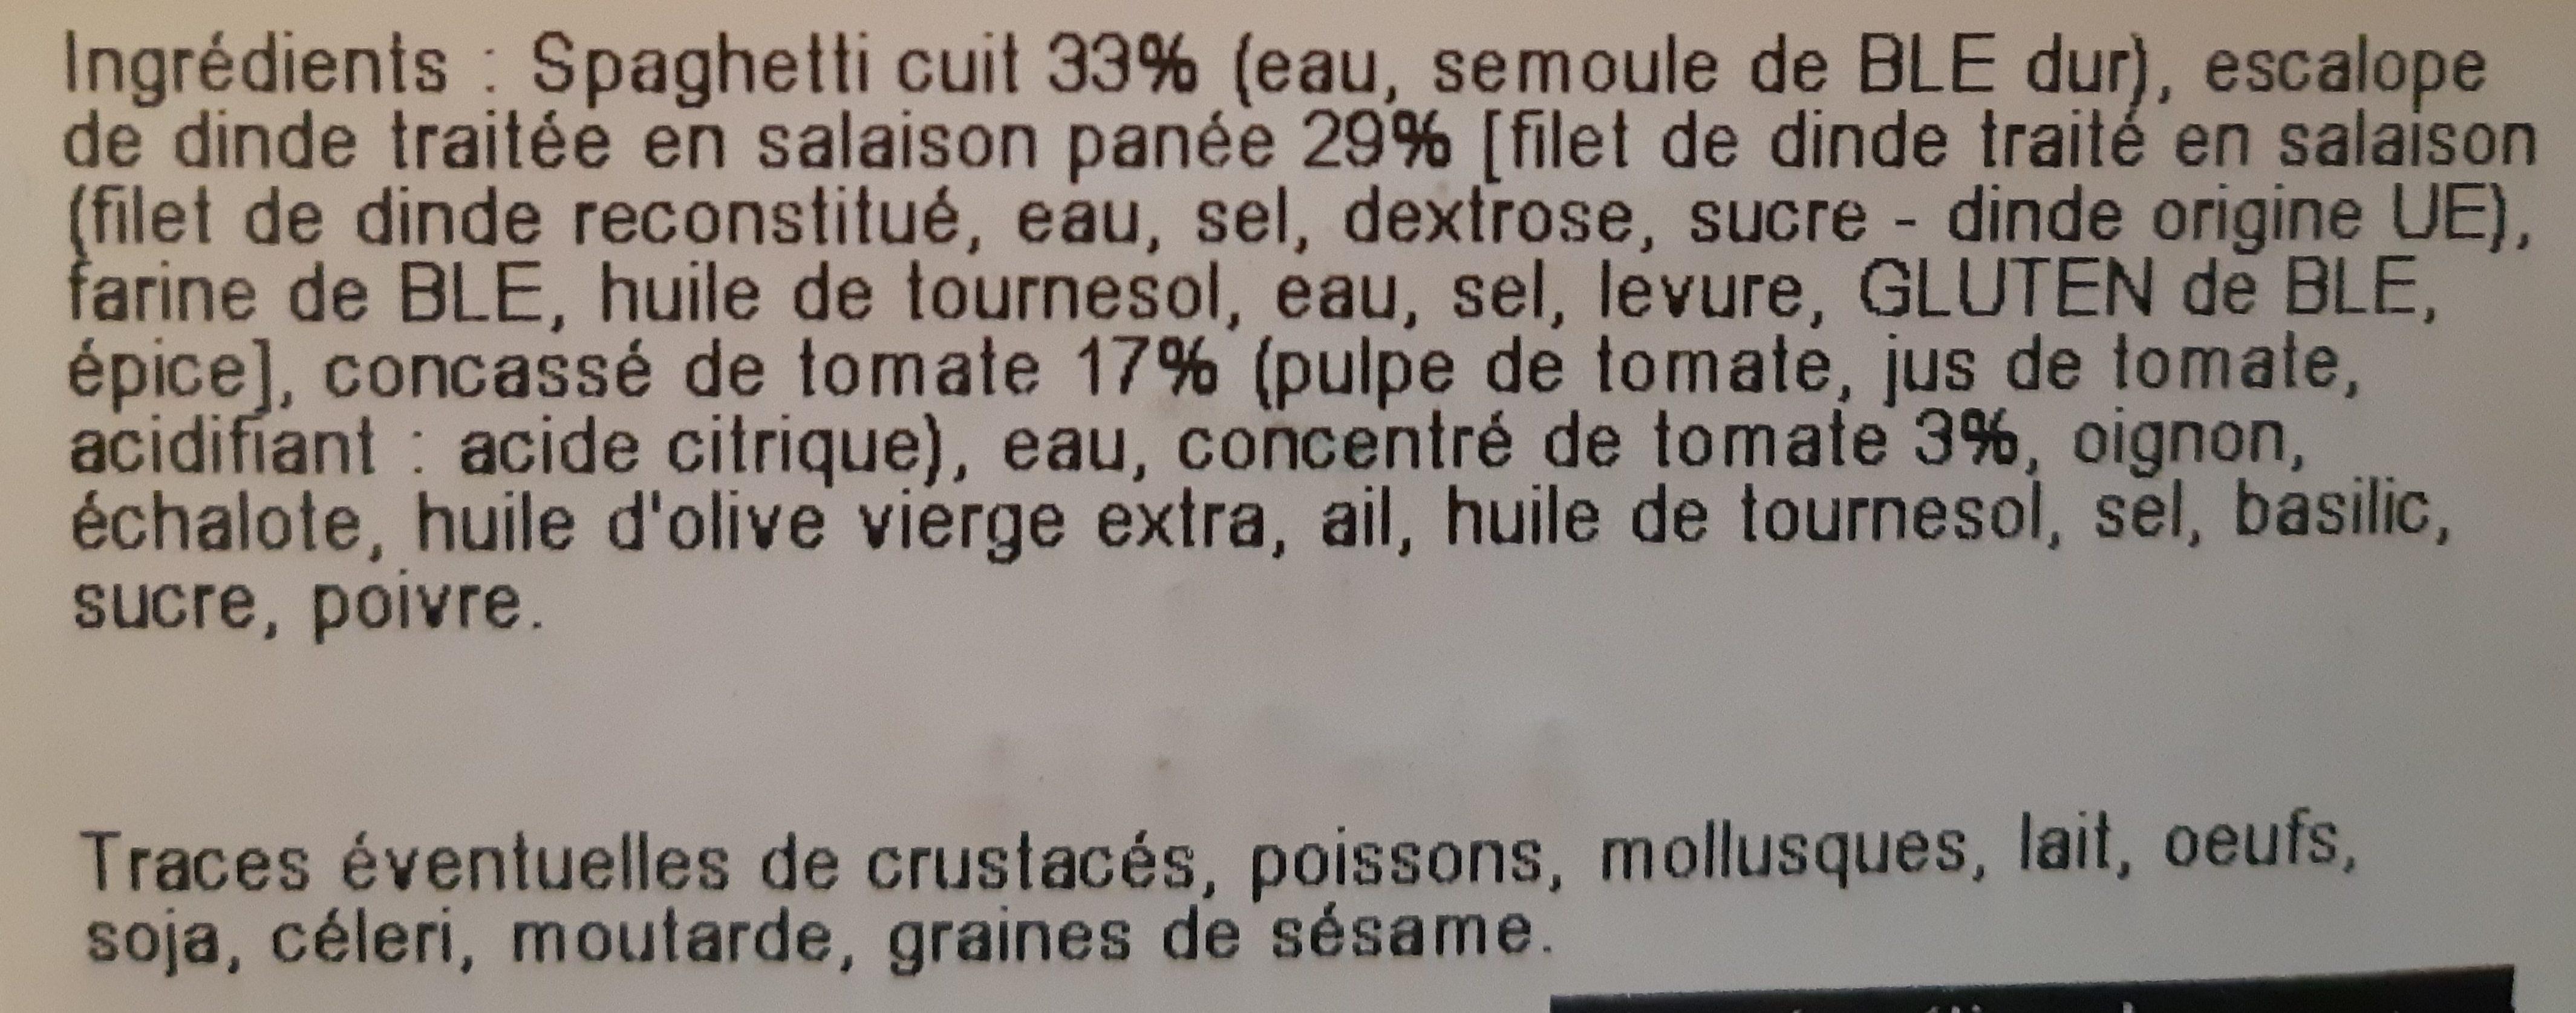 Escalope de dinde Milanaise - Ingrediënten - fr